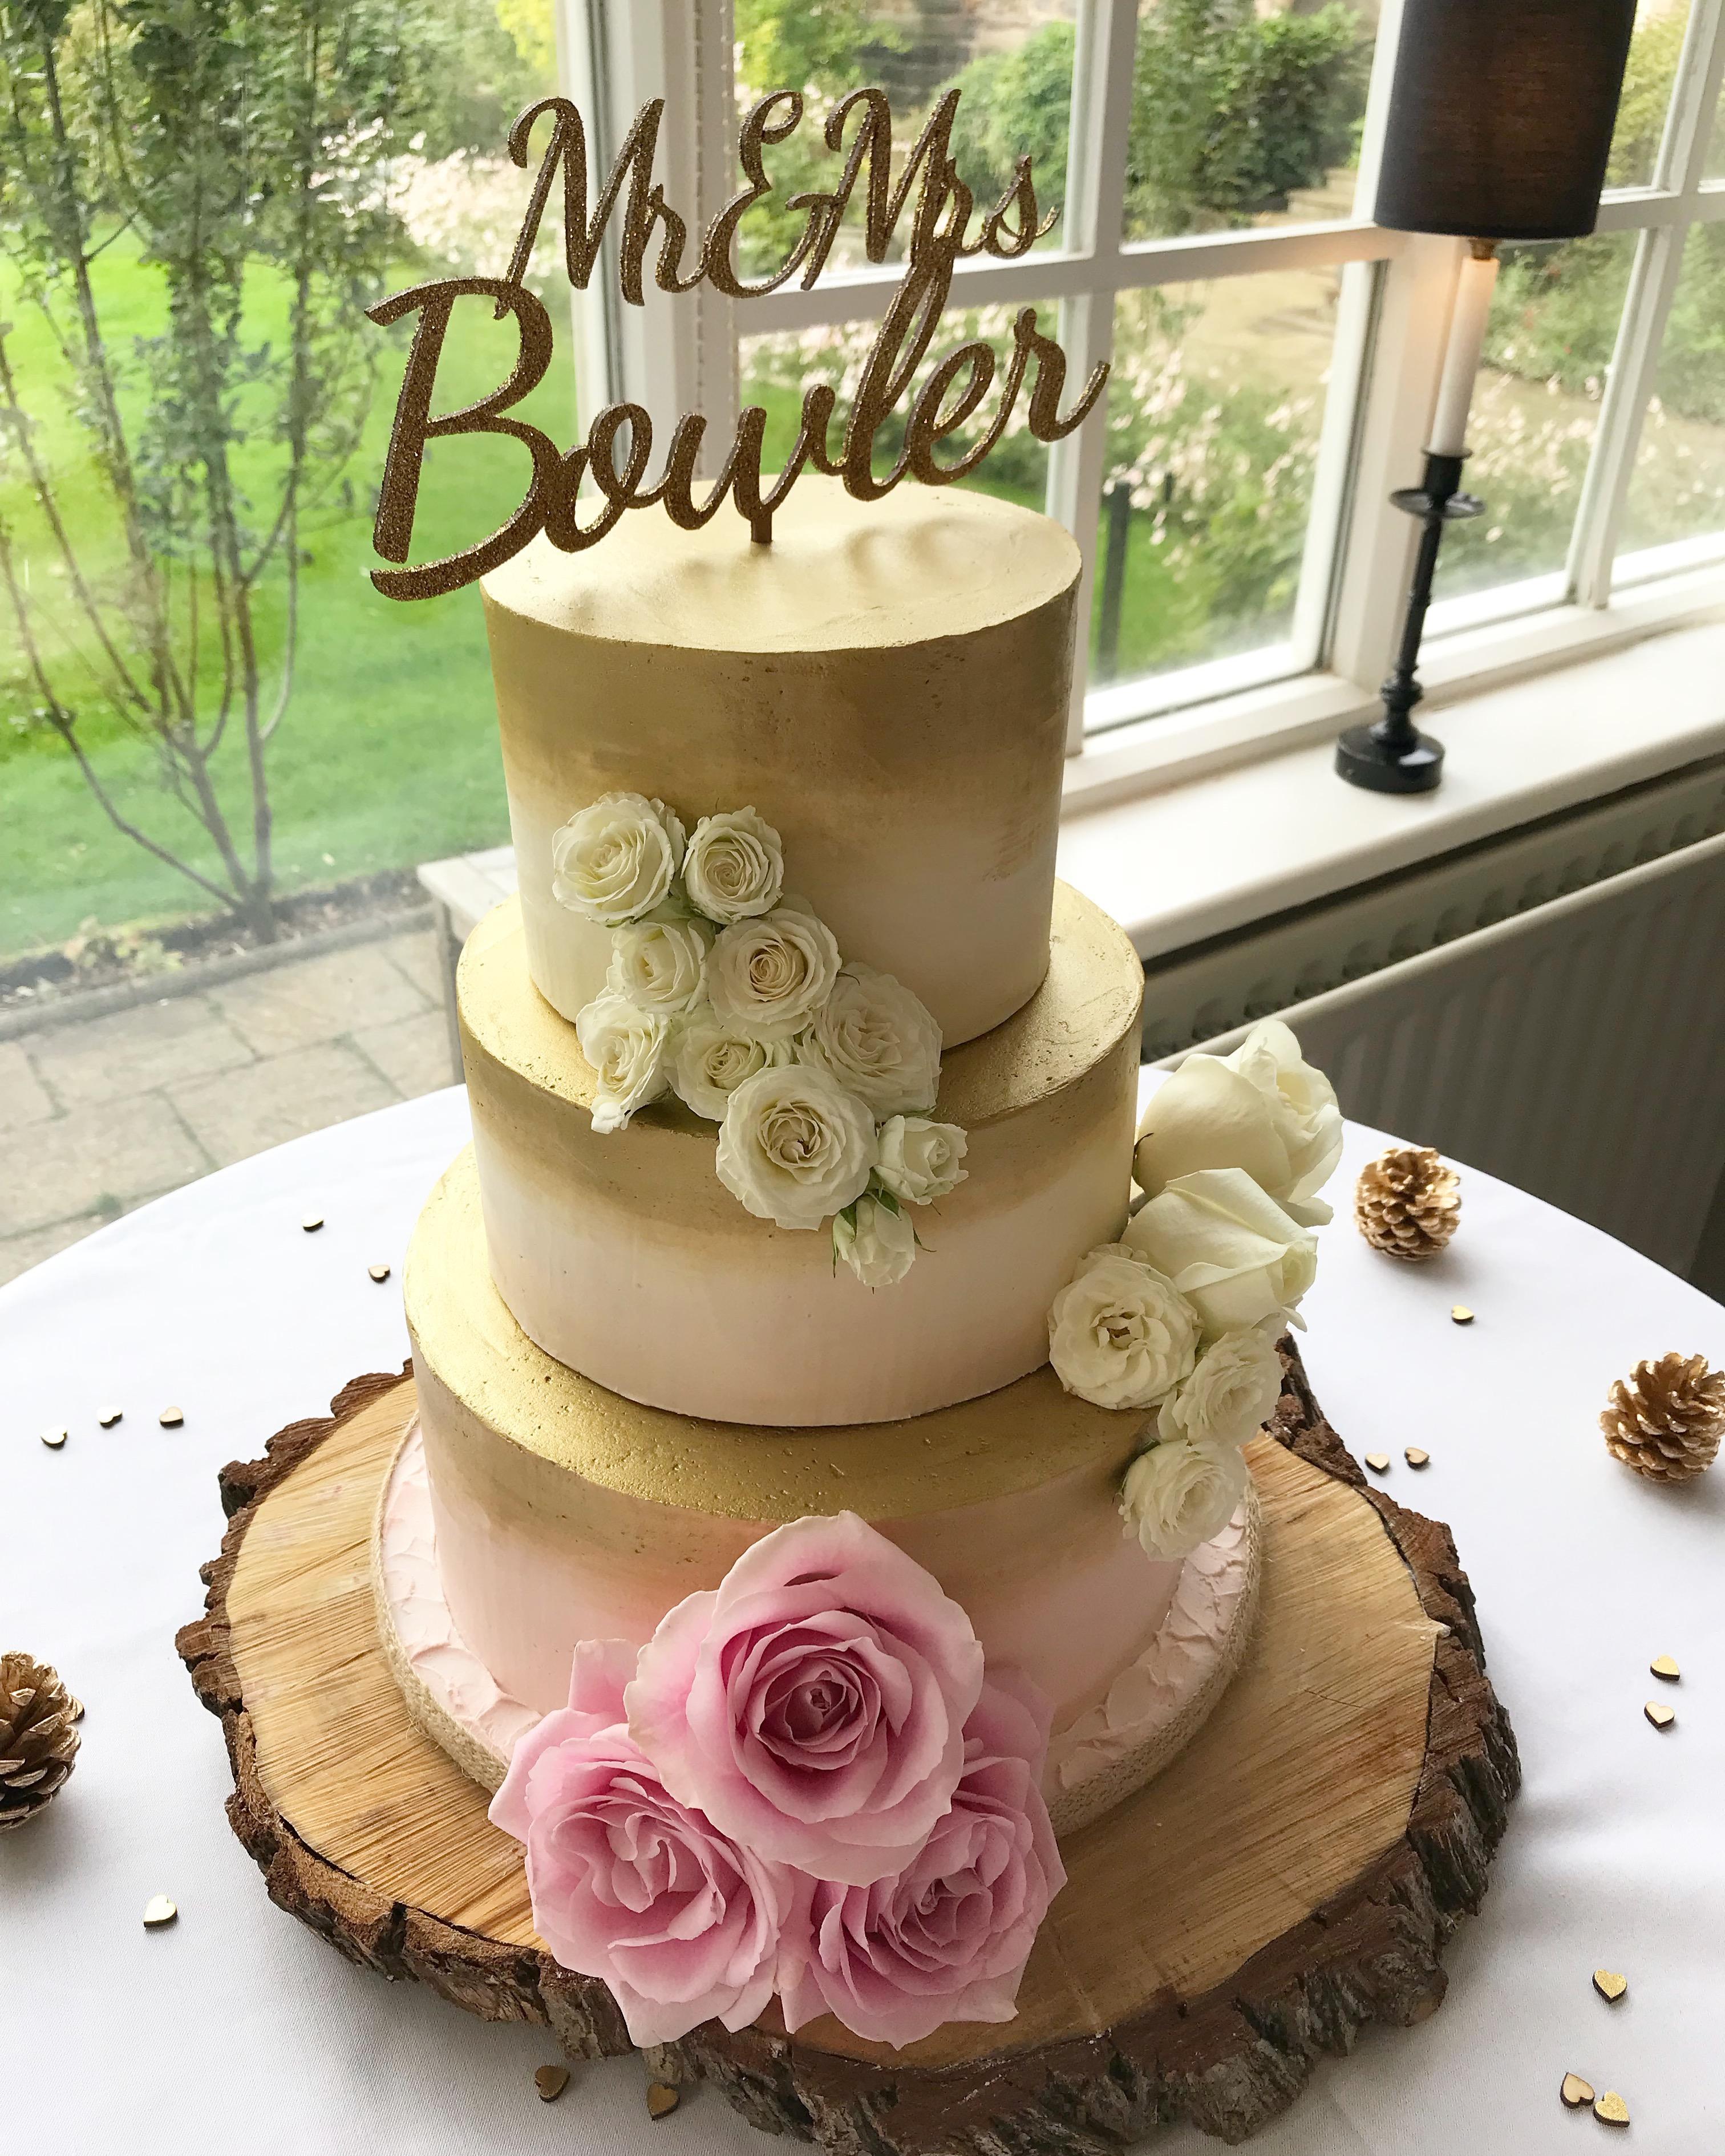 Blush & Gold wedding cake